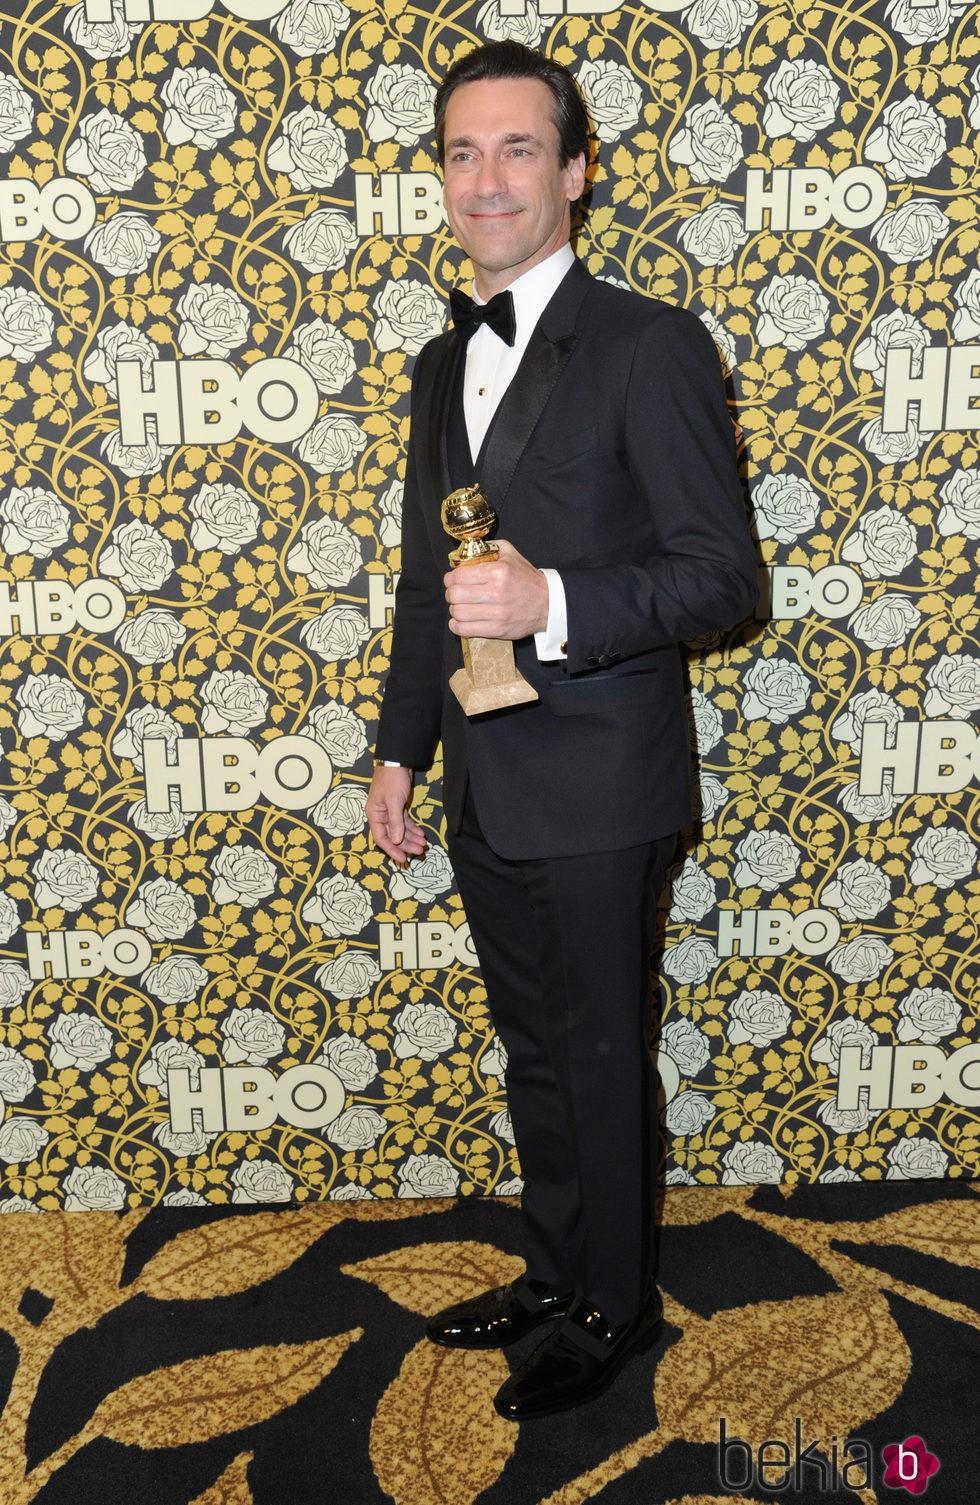 Jon Hamm en la fiesta de HBO tras la entrega de los Globos de Oro 2016